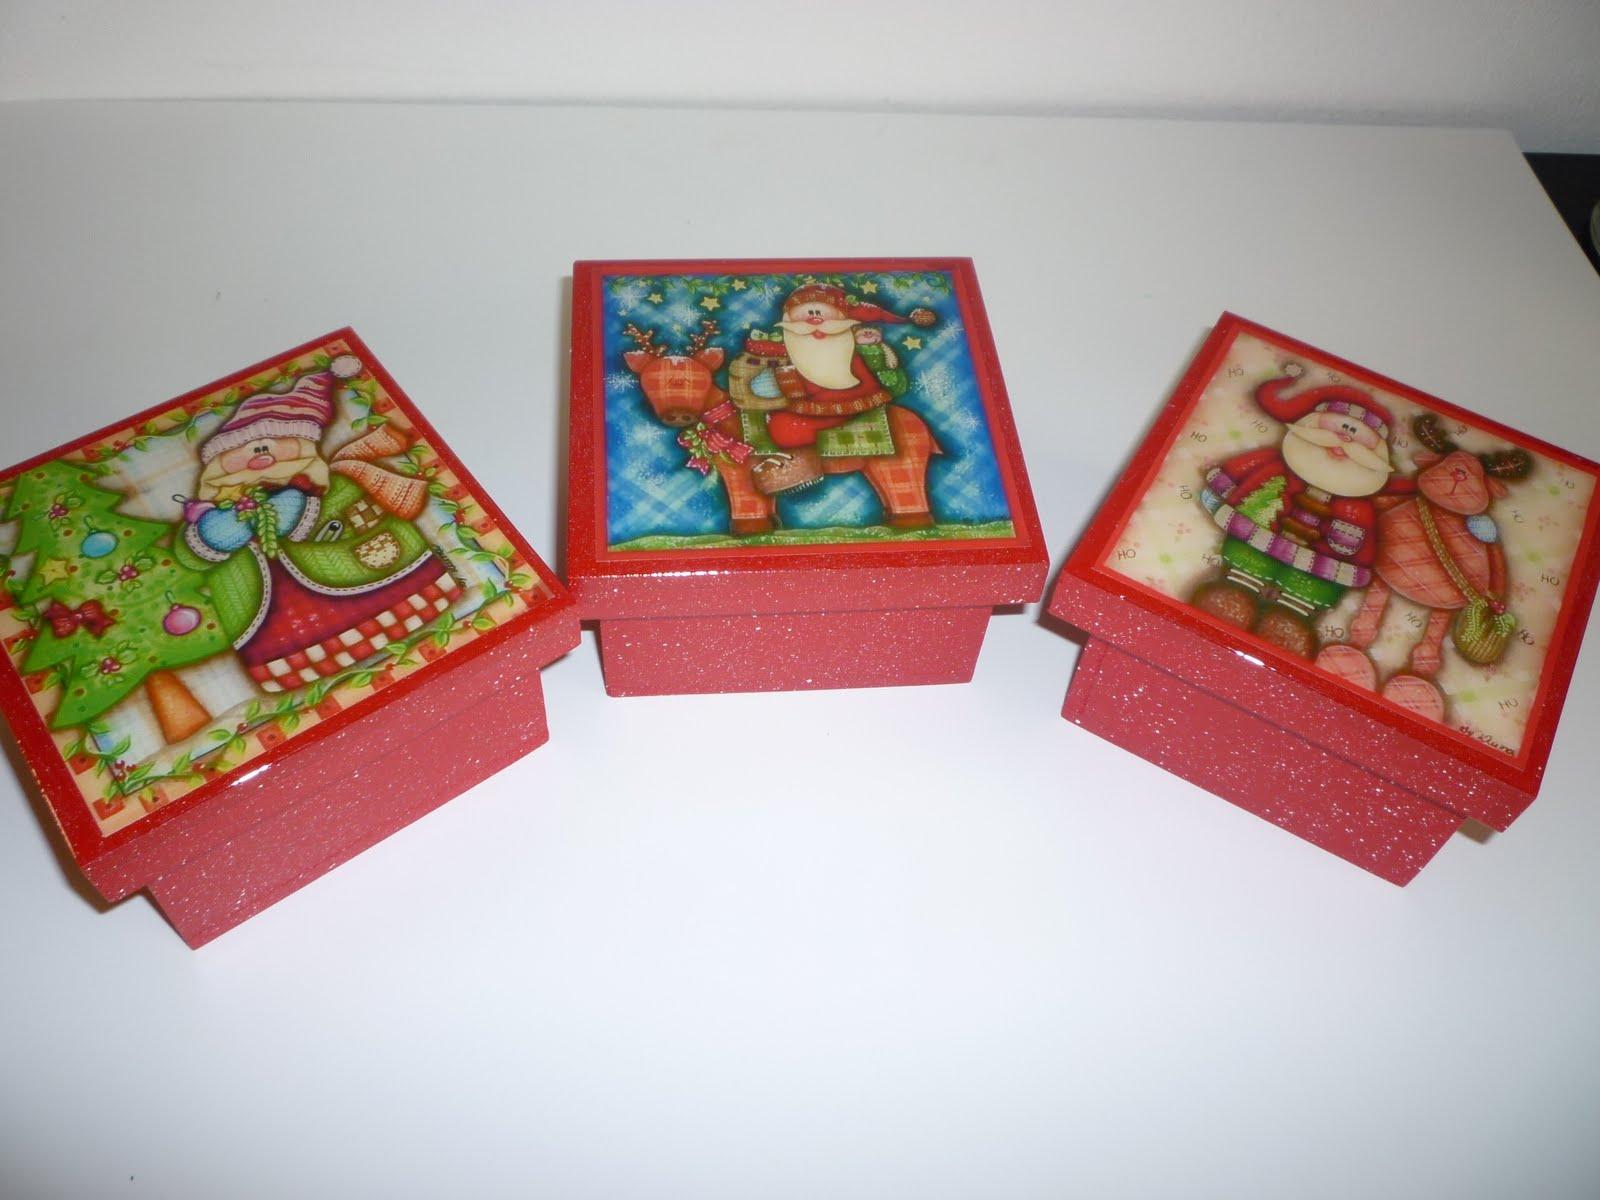 Manualidades en mdf y vitral cajas de navidad 10x10 - Cajas para manualidades ...